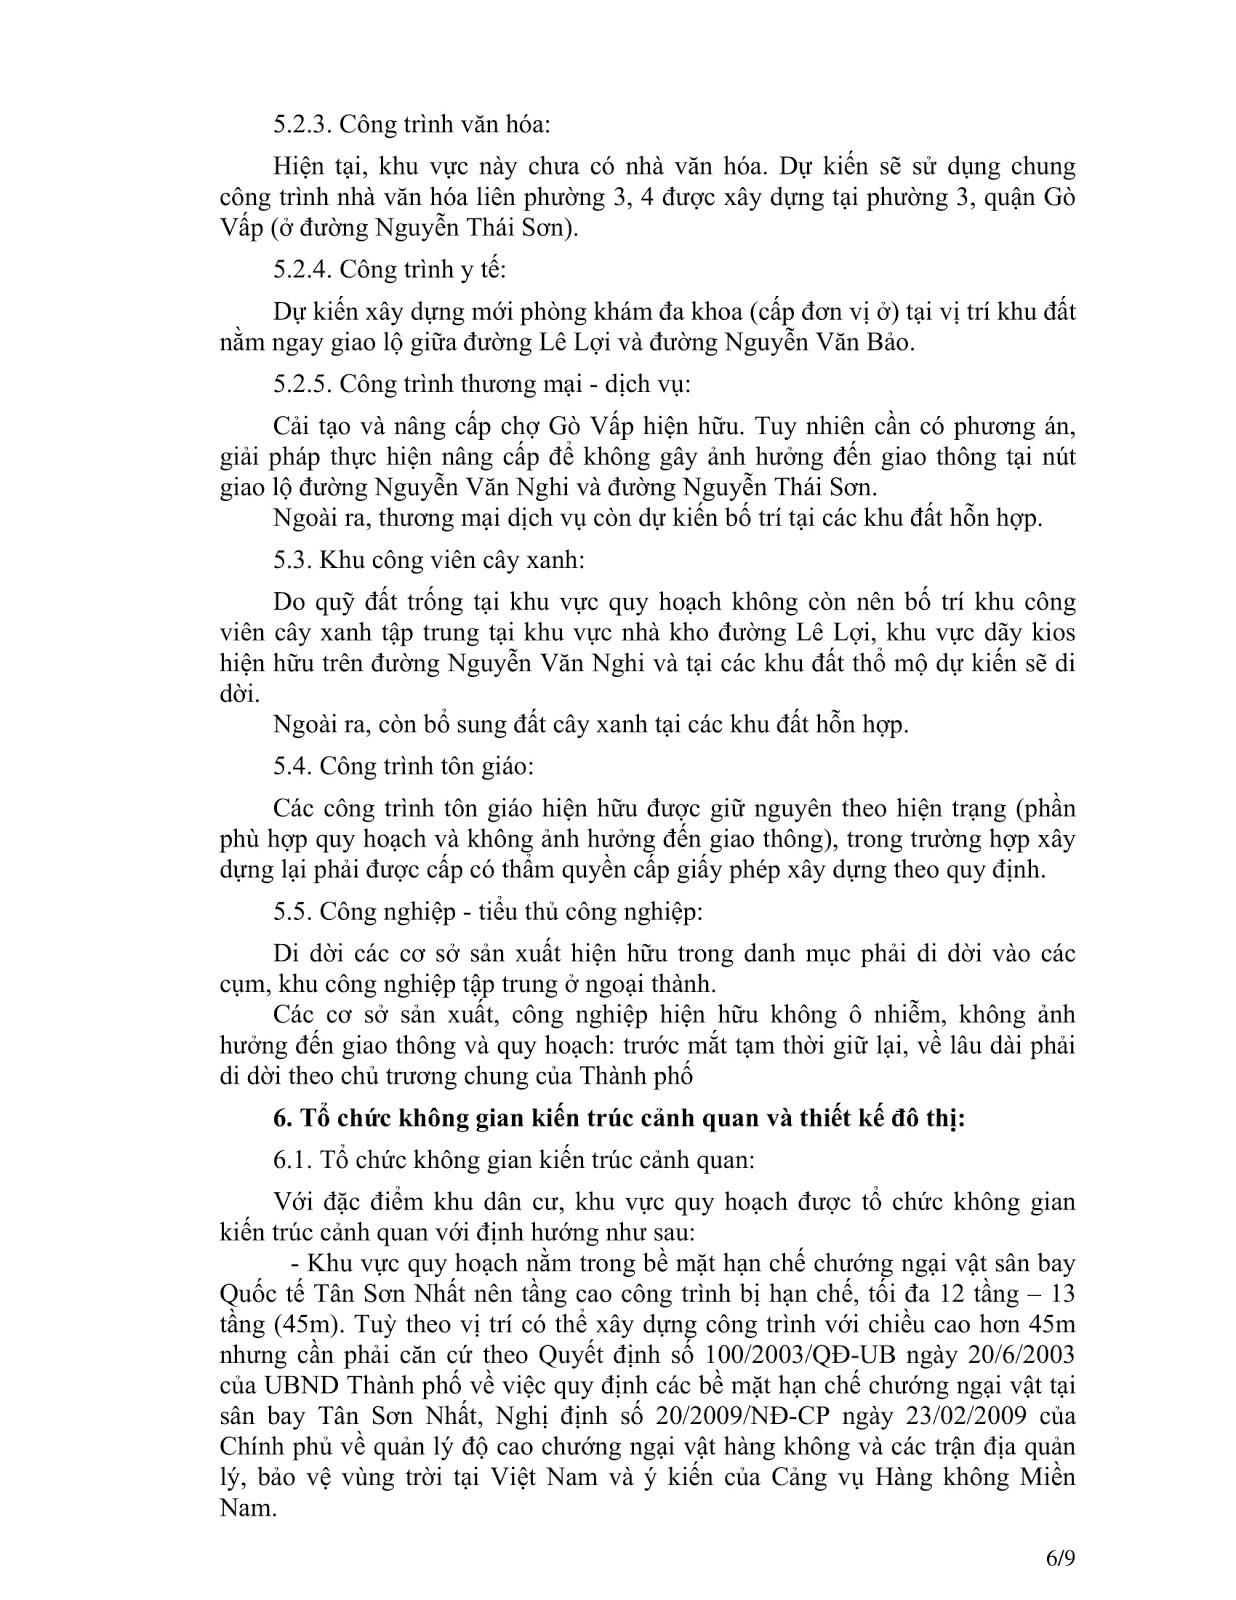 Quyết Định Số 2921/QĐ-UBND Quy Hoạch Khu Dân Cư Phường 4 Quận Gò Vấp Tờ 6